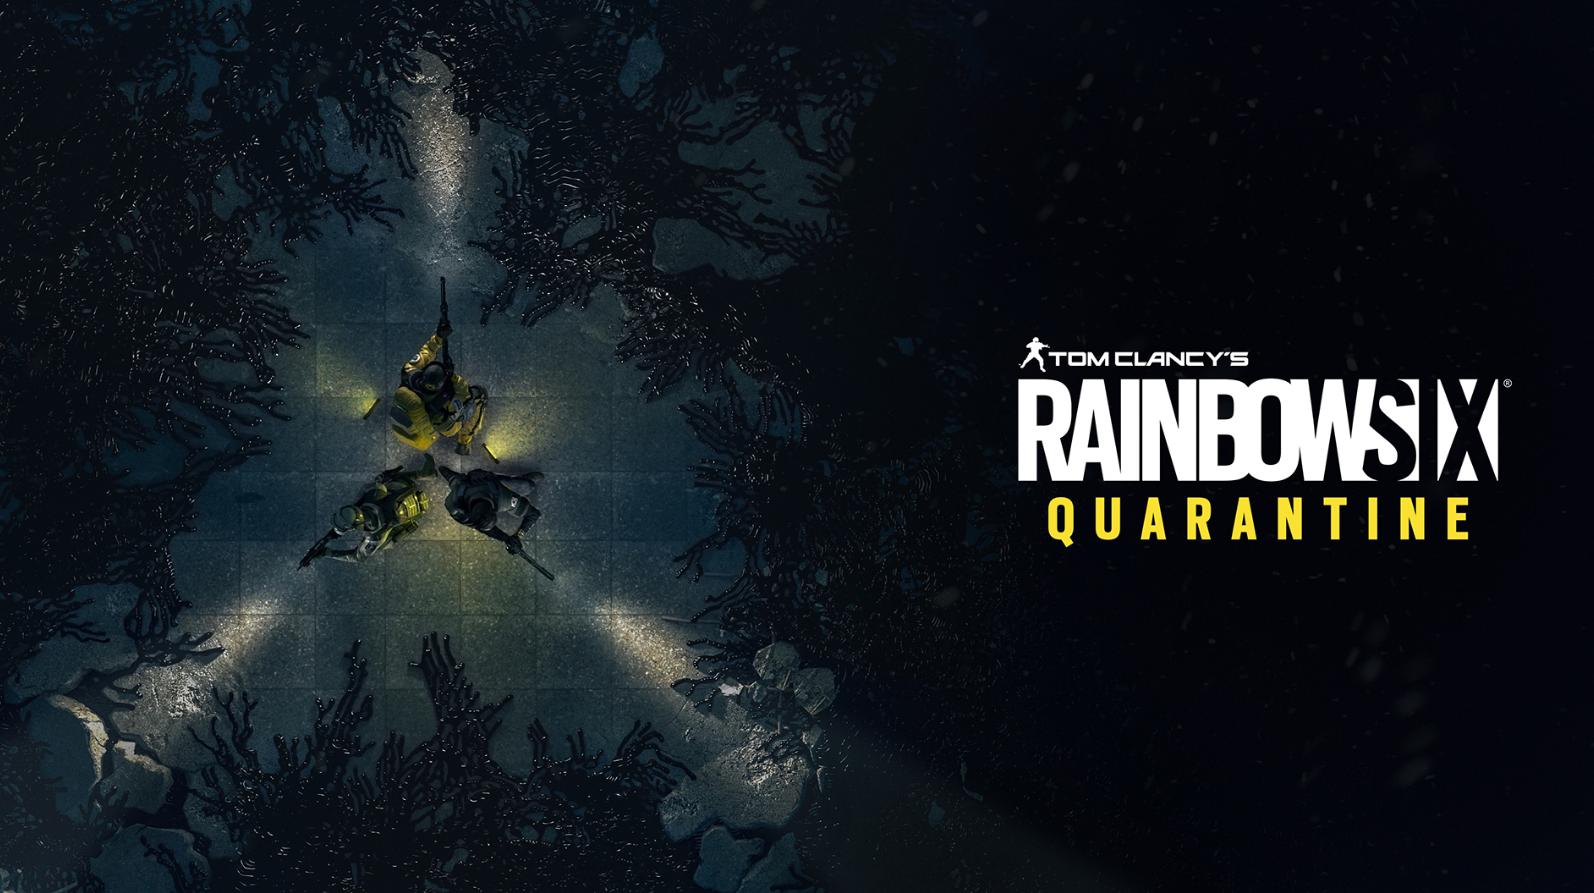 Ждали Rainbow Six Quarantine? У Ubisoft есть новость, которой она не спешит делиться (дополнено)